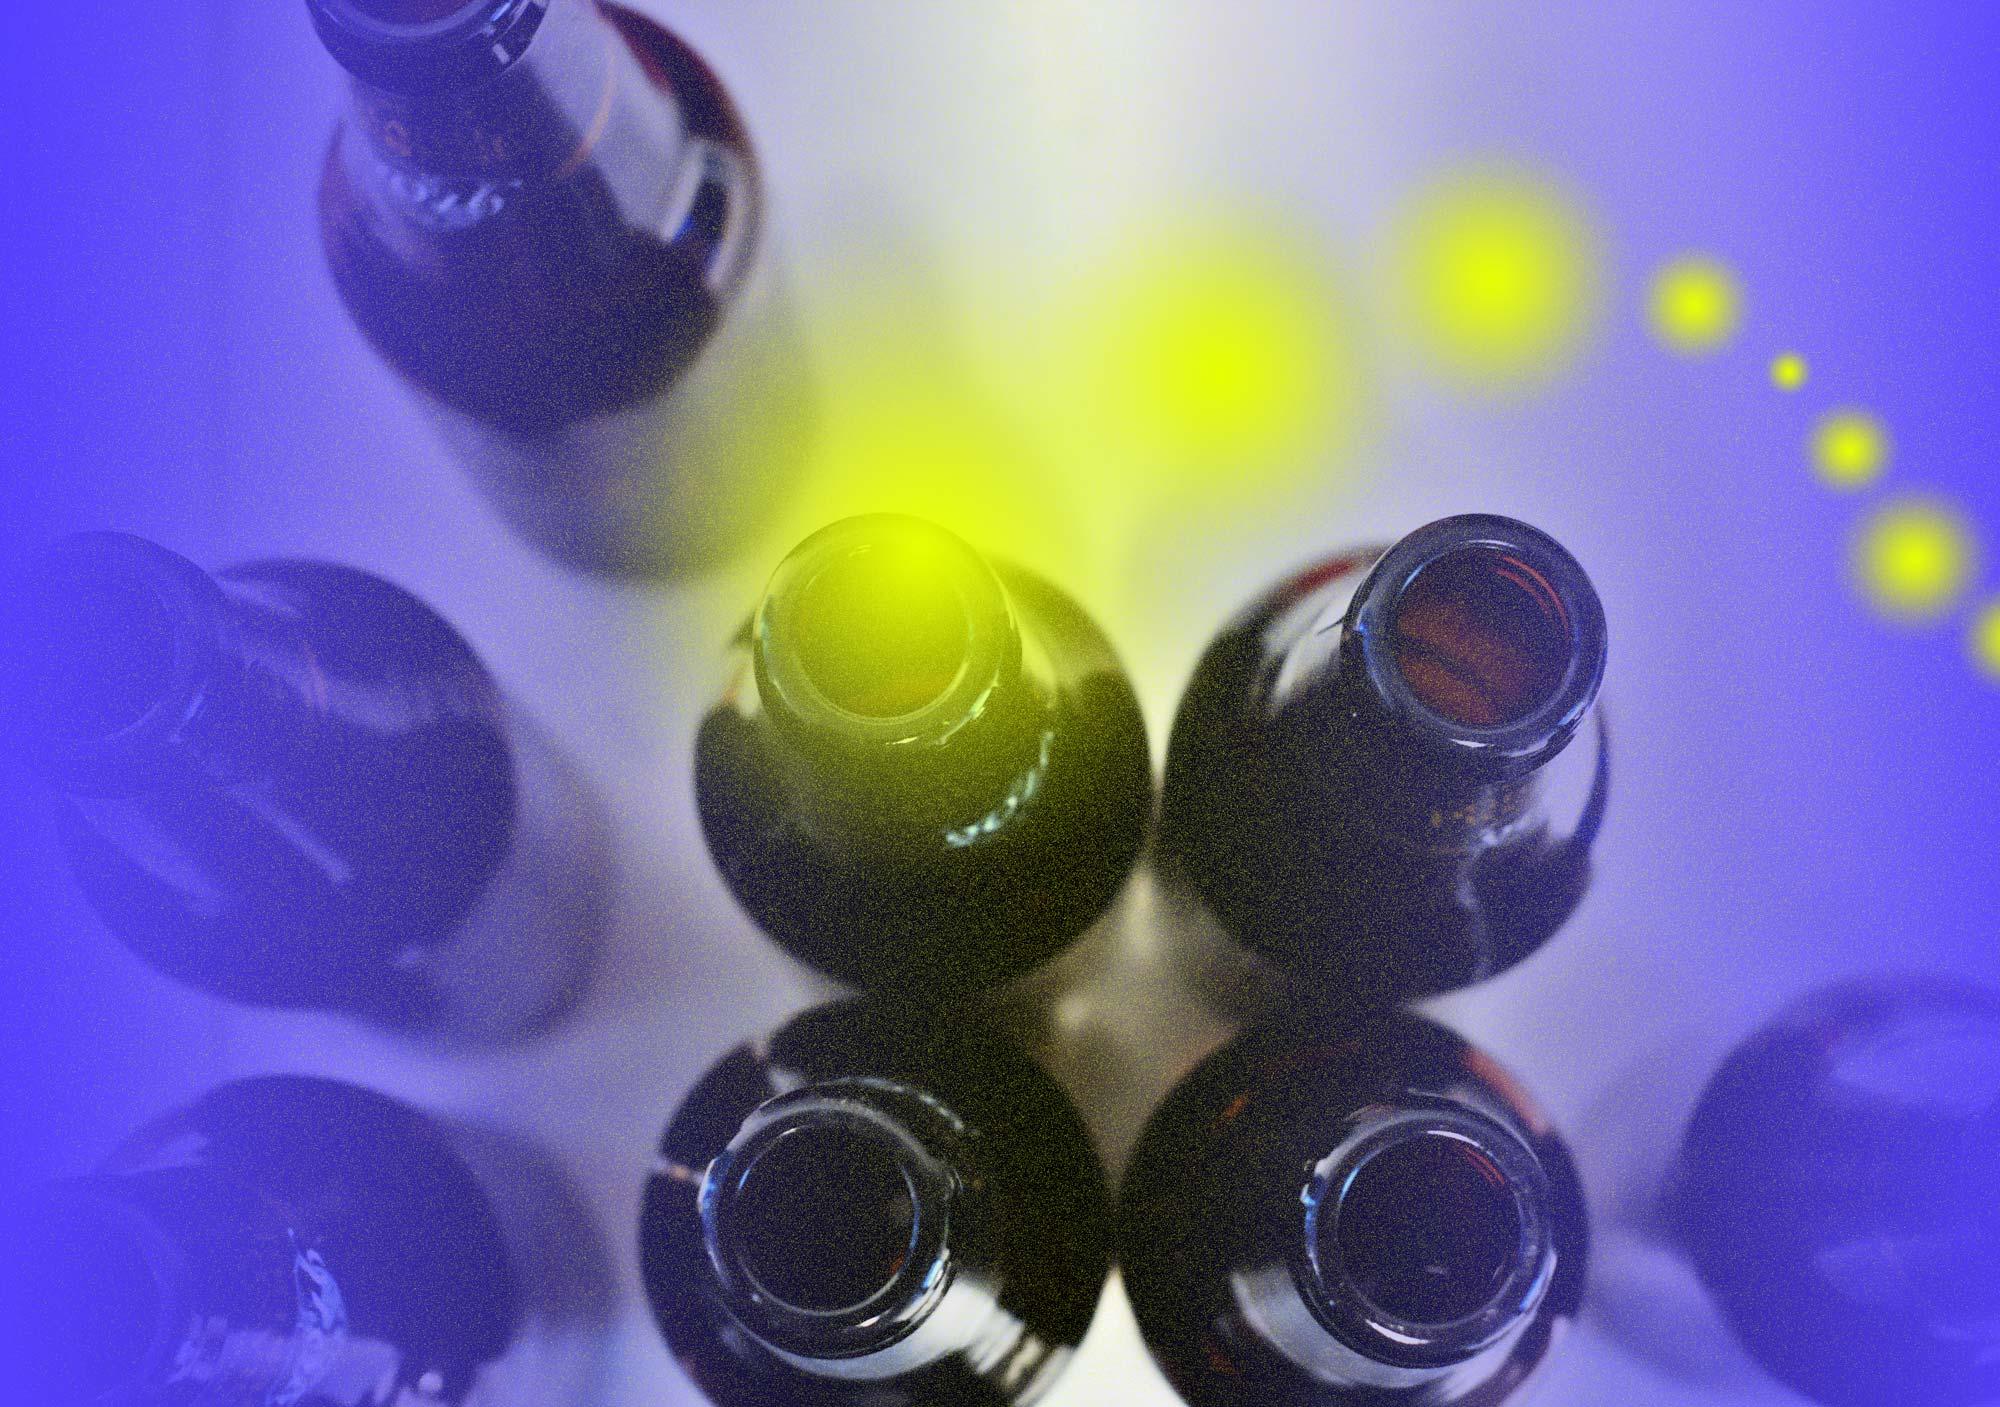 alkoholizm 02 - <b>Не надо спасать.</b> Рассказываем, как (не) помогать алкозависимым близким - Заборона